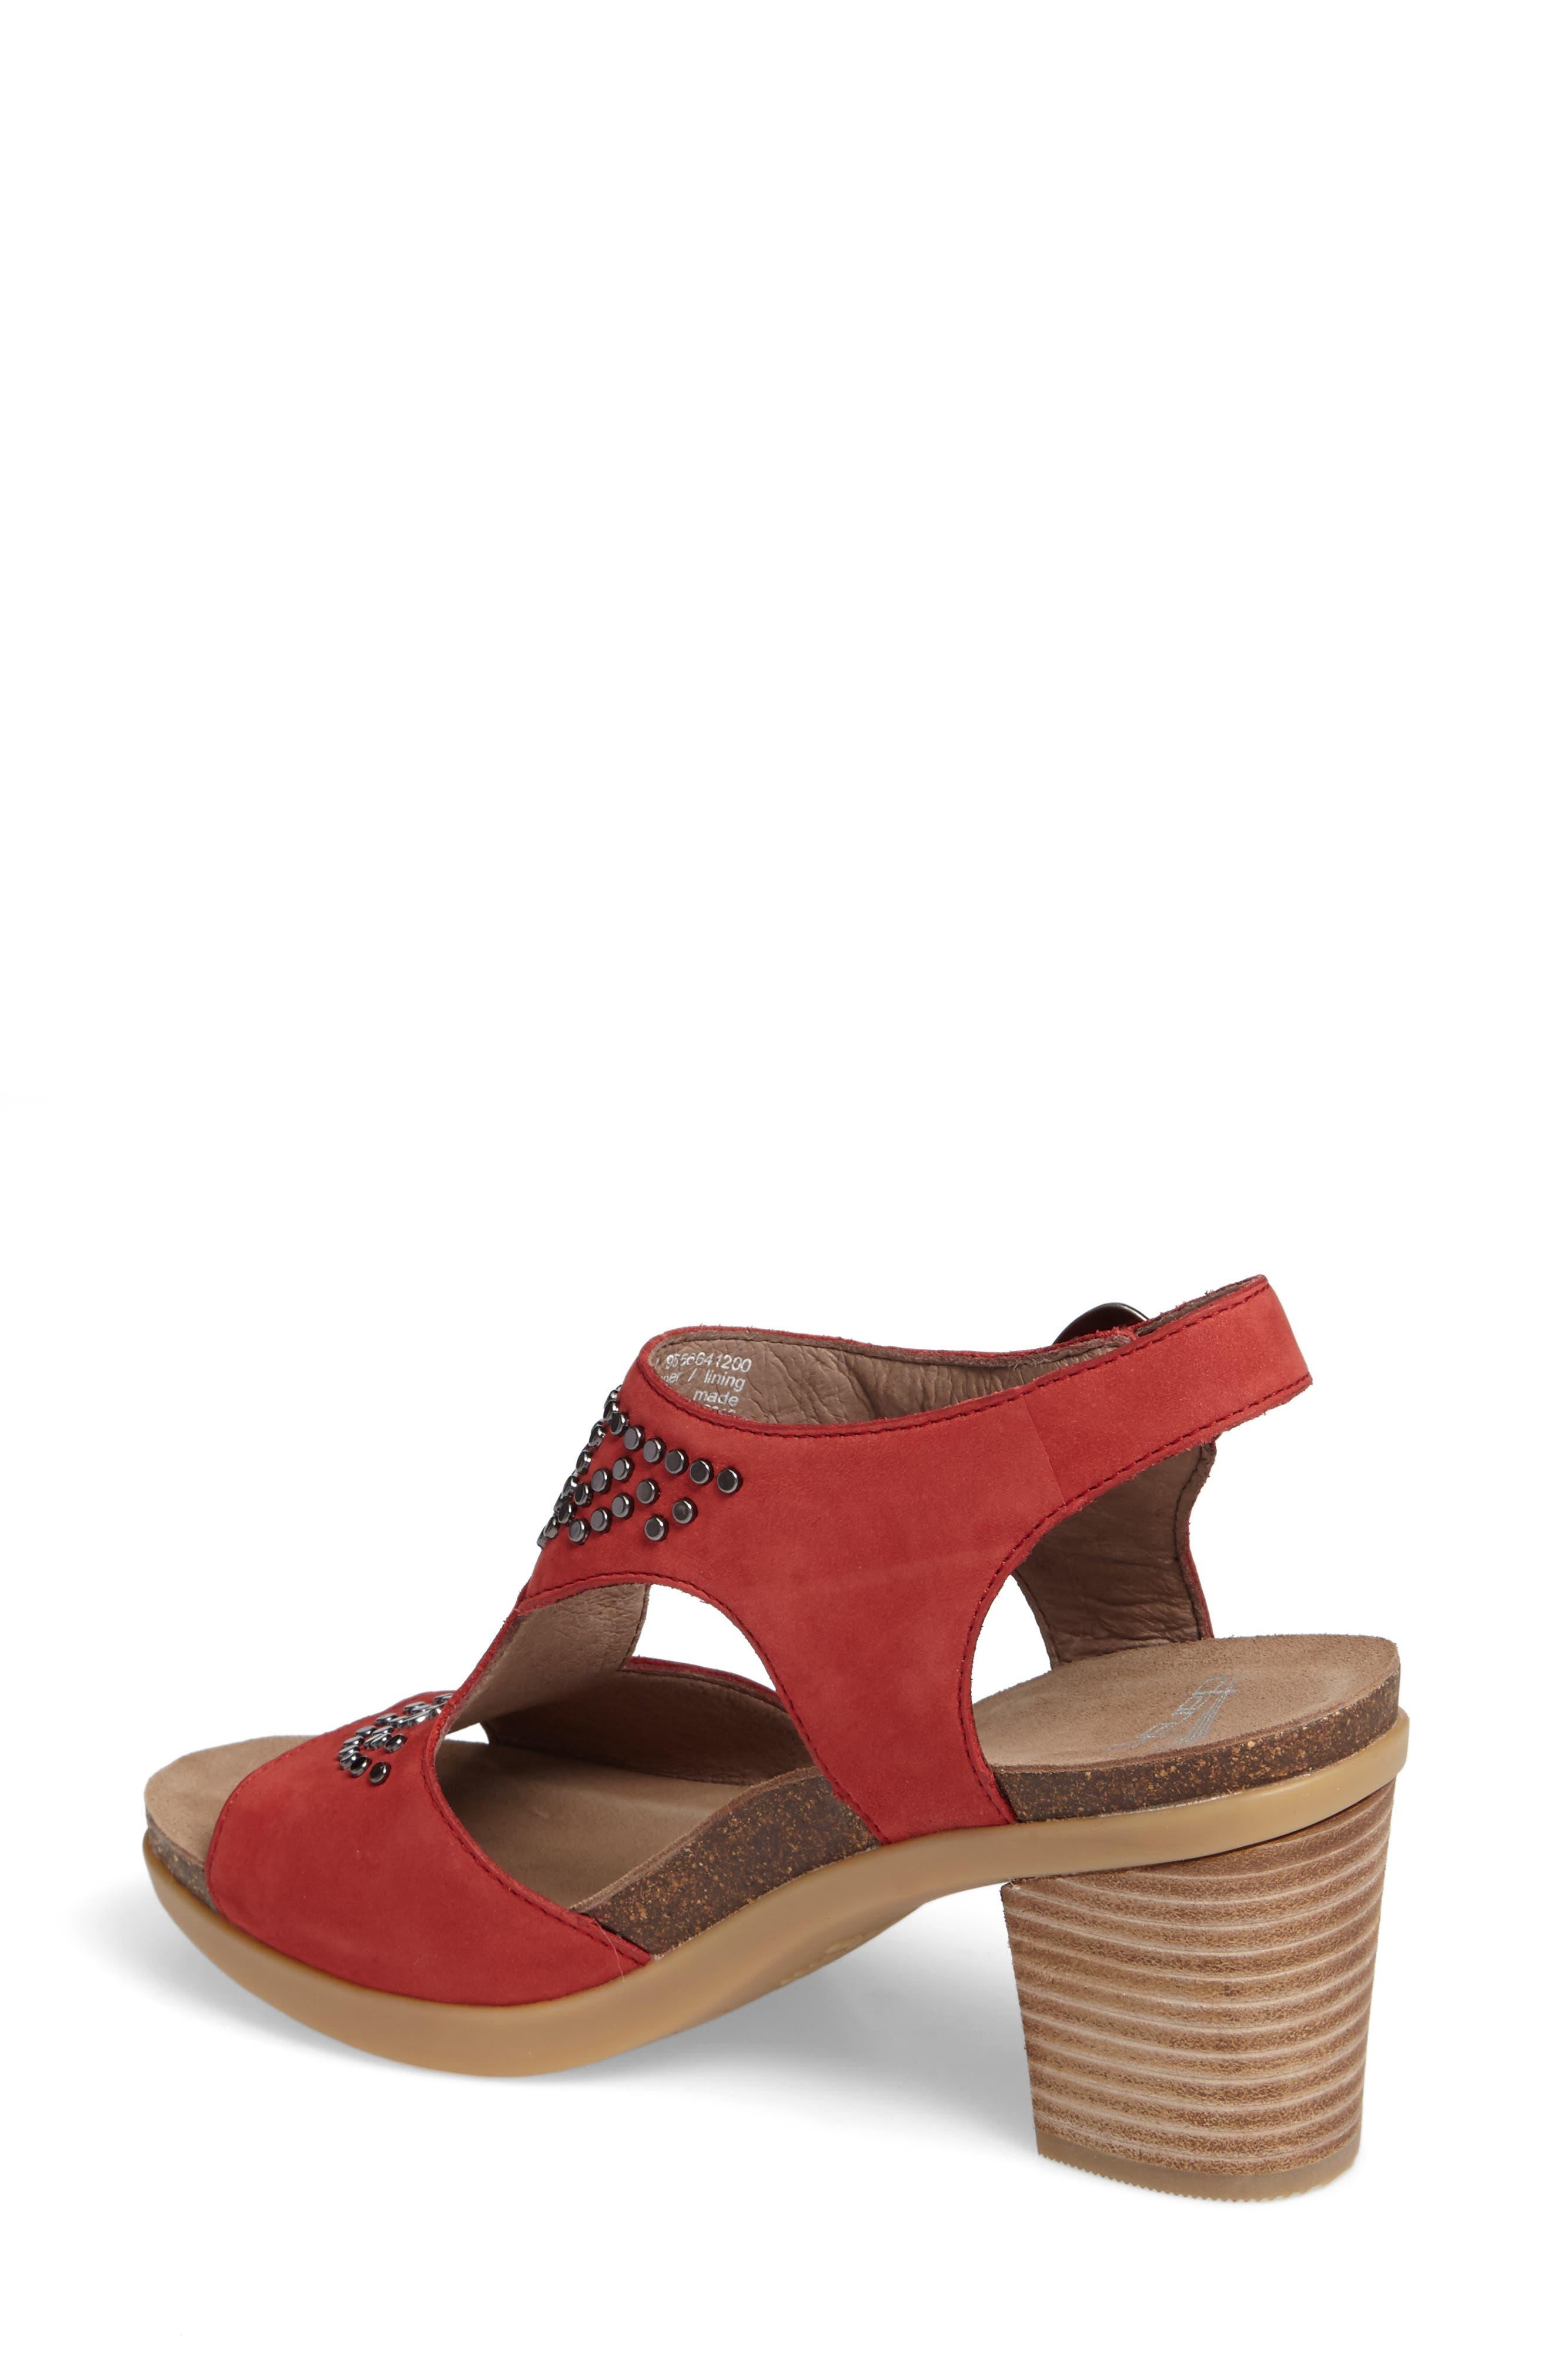 Alternate Image 2  - Dansko Deandra Studded Sandal (Women)